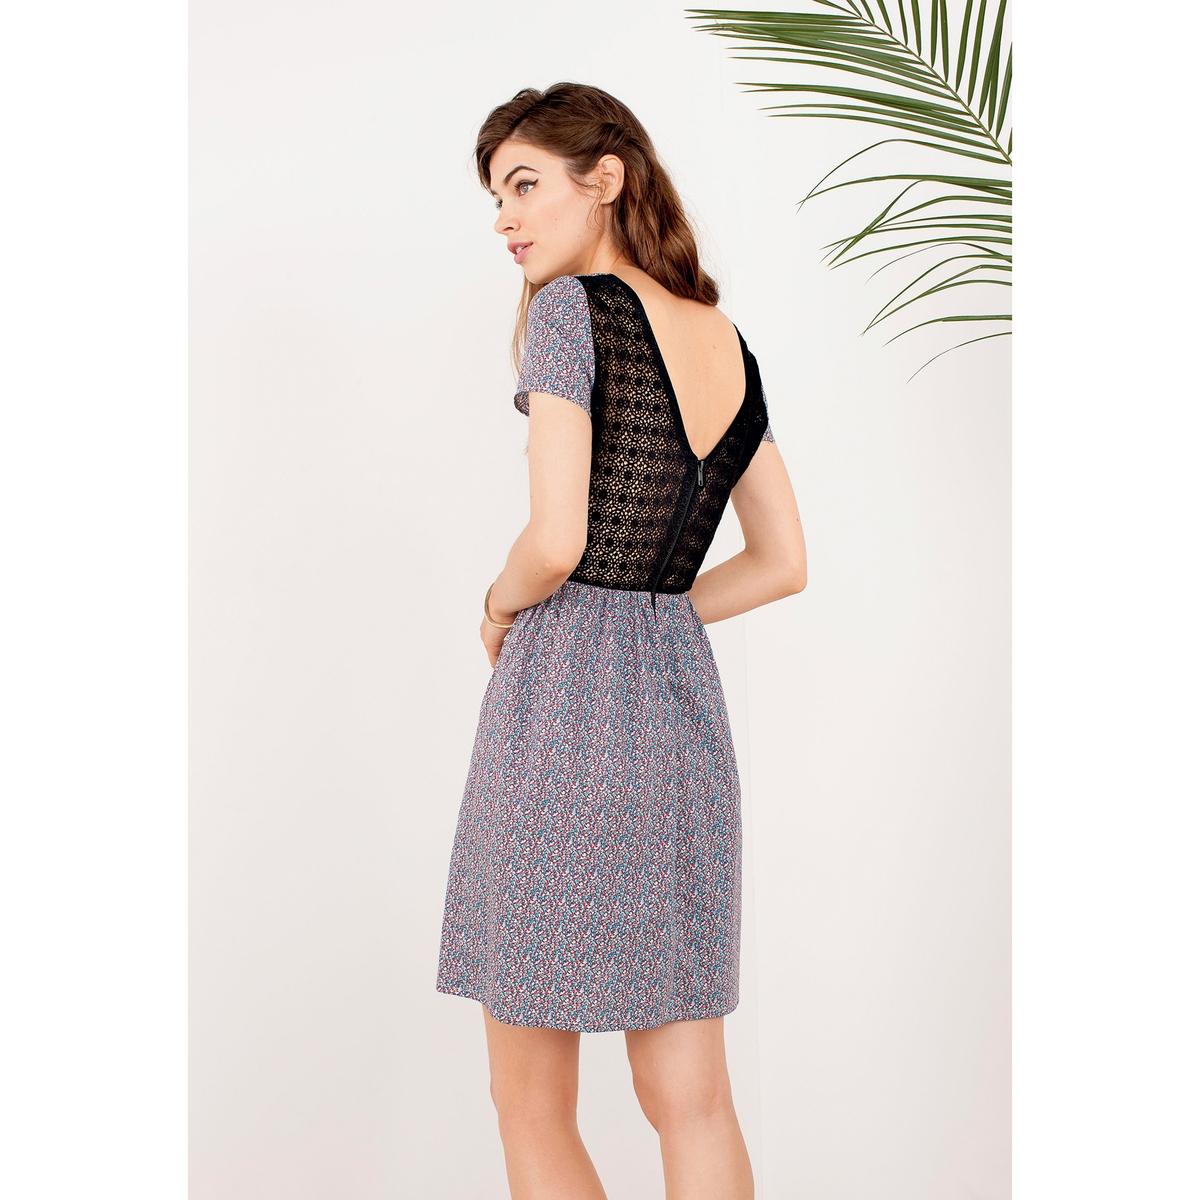 Платье с рисункомПлатье из ткани с рисунком, 100% хлопка. Круглый вырез спереди и V-образный сзади. Короткие рукава. Кружевная вставка на талии. Кружевная спинка. Длина ок.89 см.<br><br>Цвет: набивной рисунок<br>Размер: 42 (FR) - 48 (RUS)